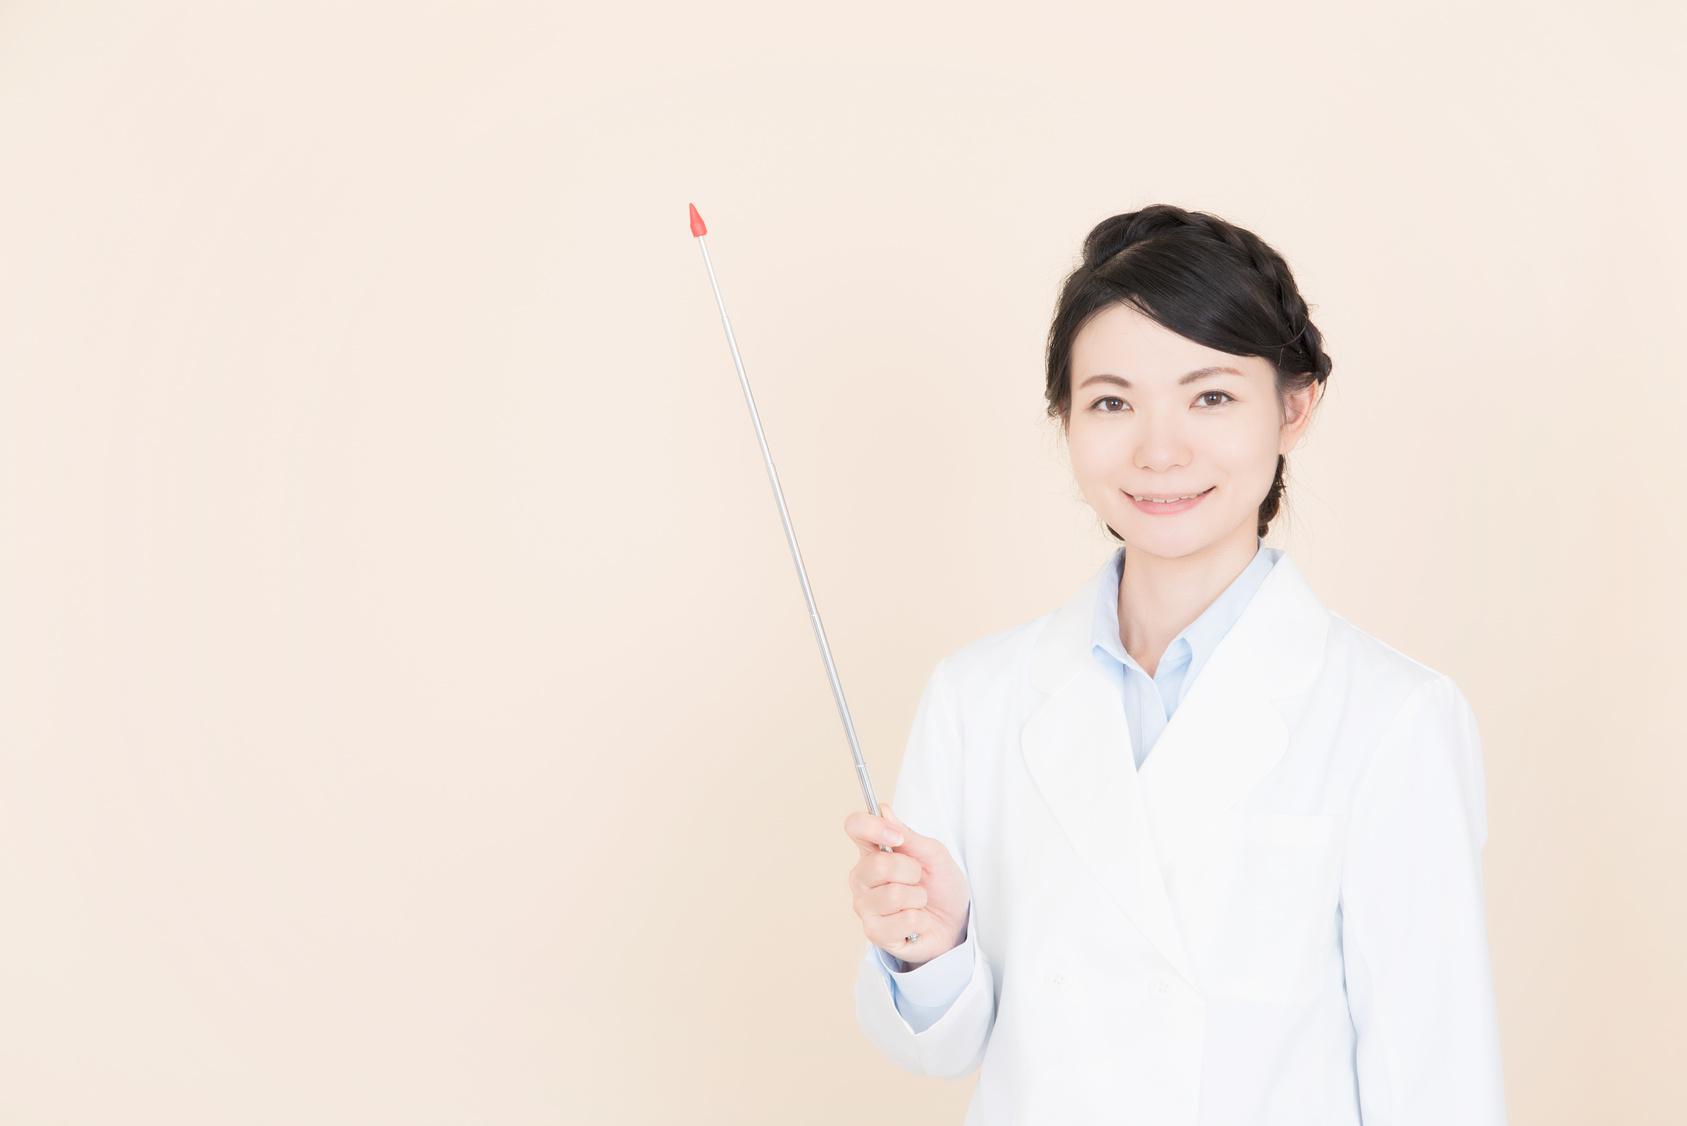 指し棒を持つ白衣の女性